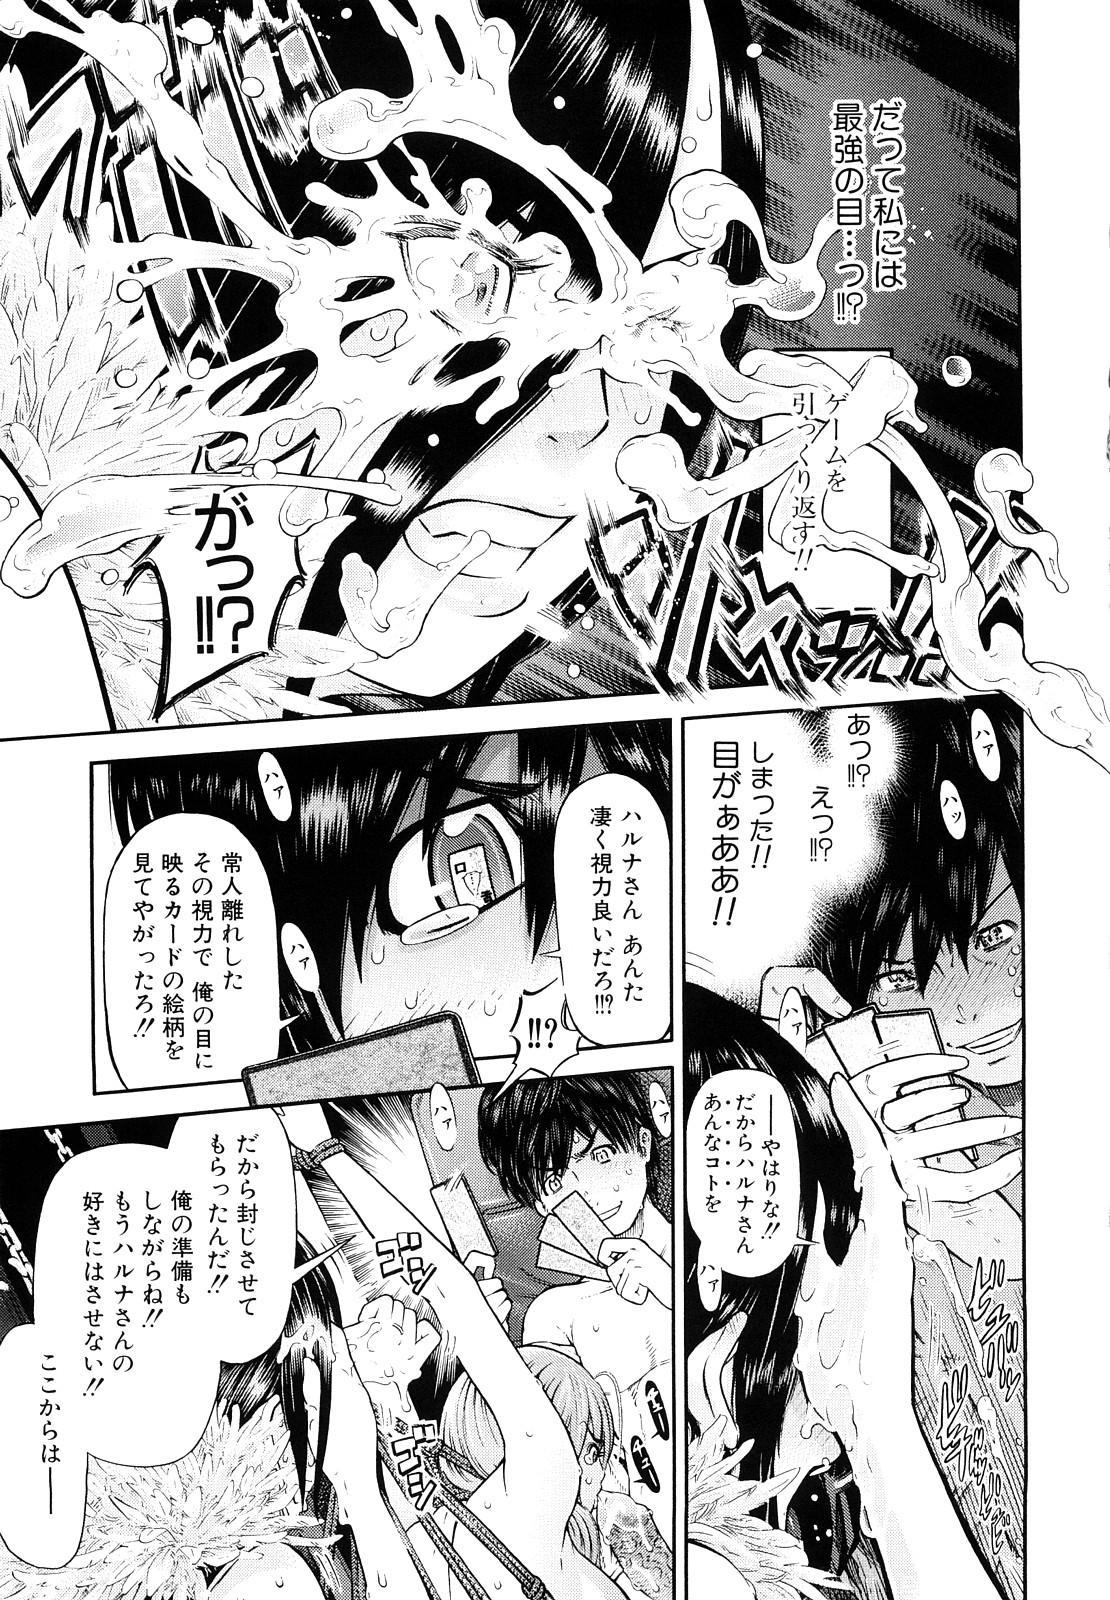 Chijyotachi no Kirifuda 63